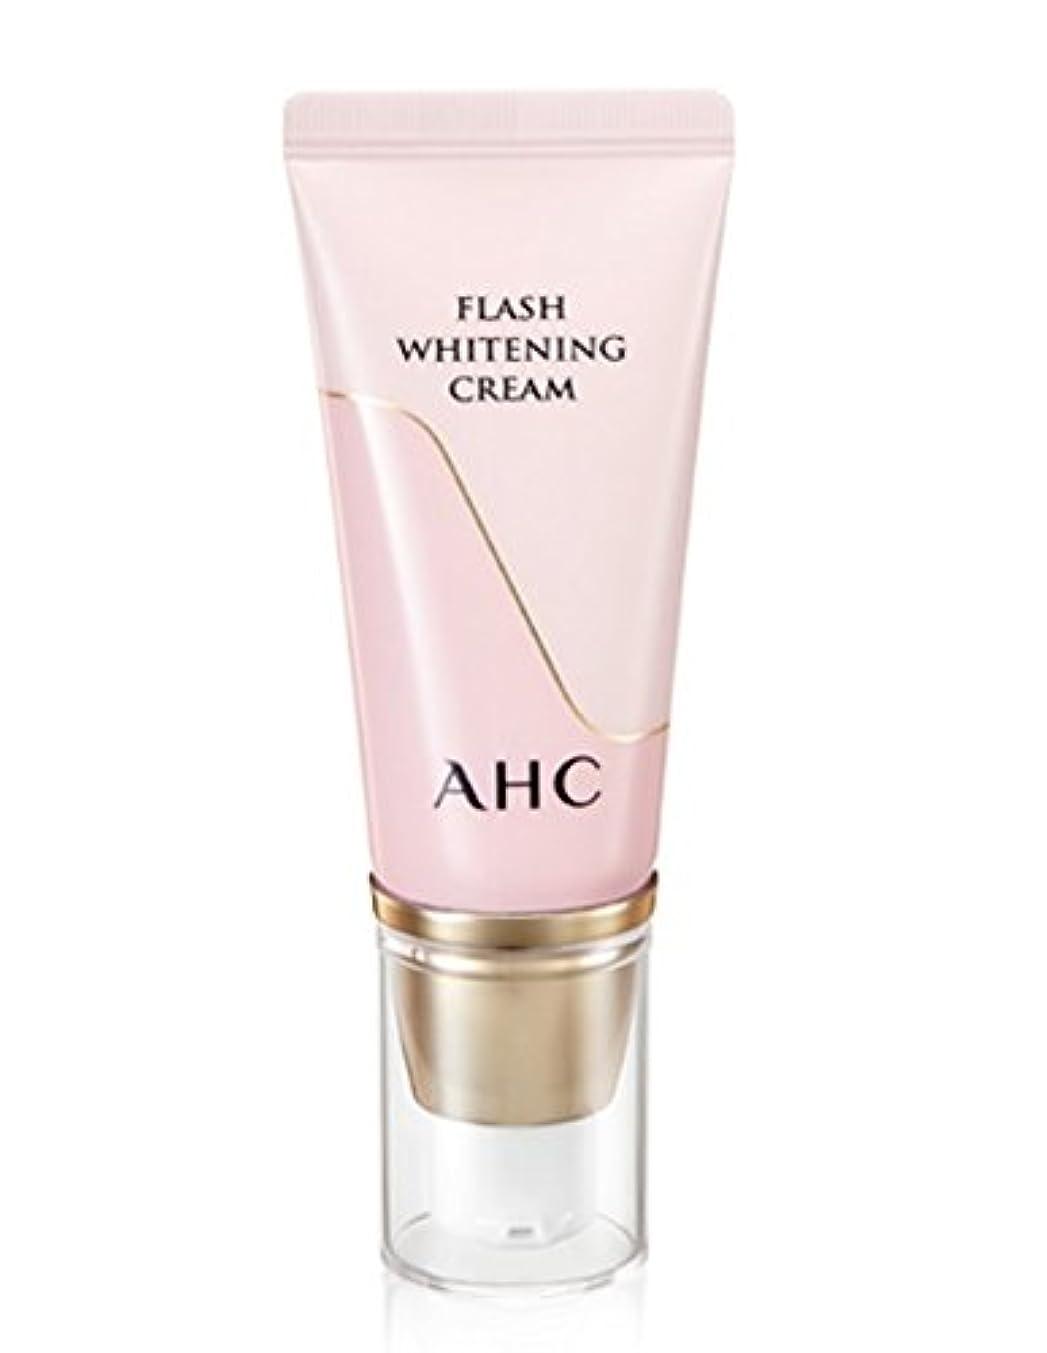 マイコン軽く現代の[A.H.C] AHC フラッシュホワイトニングクリーム [AHC FLASH WHITENING CREAM 30ml/SPF30/PA++] [並行輸入品]